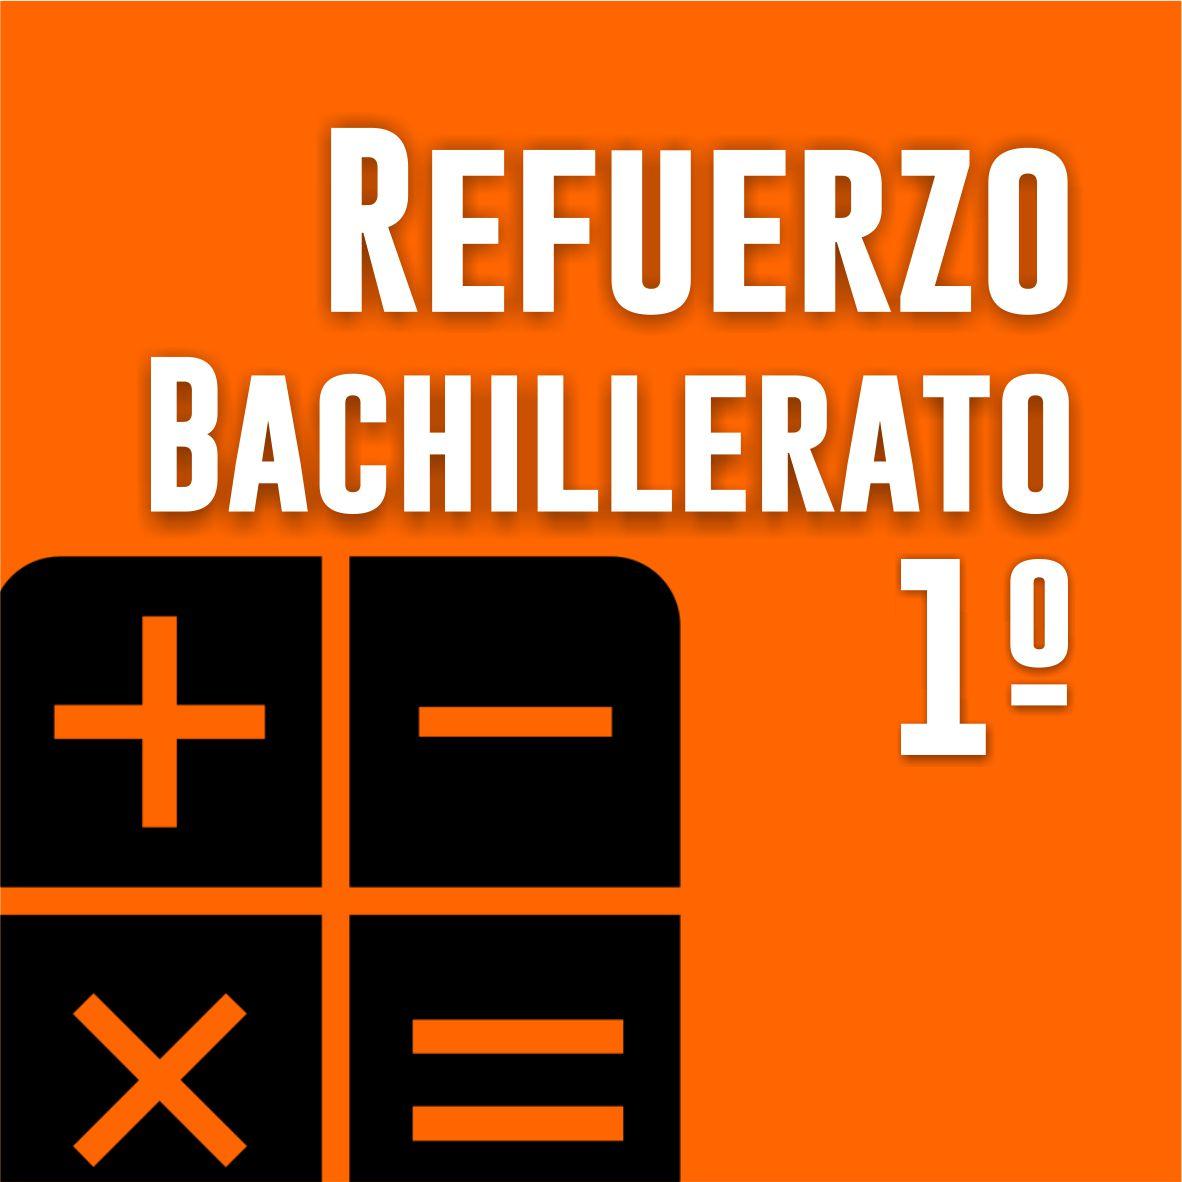 refuerzo 1bachillerato